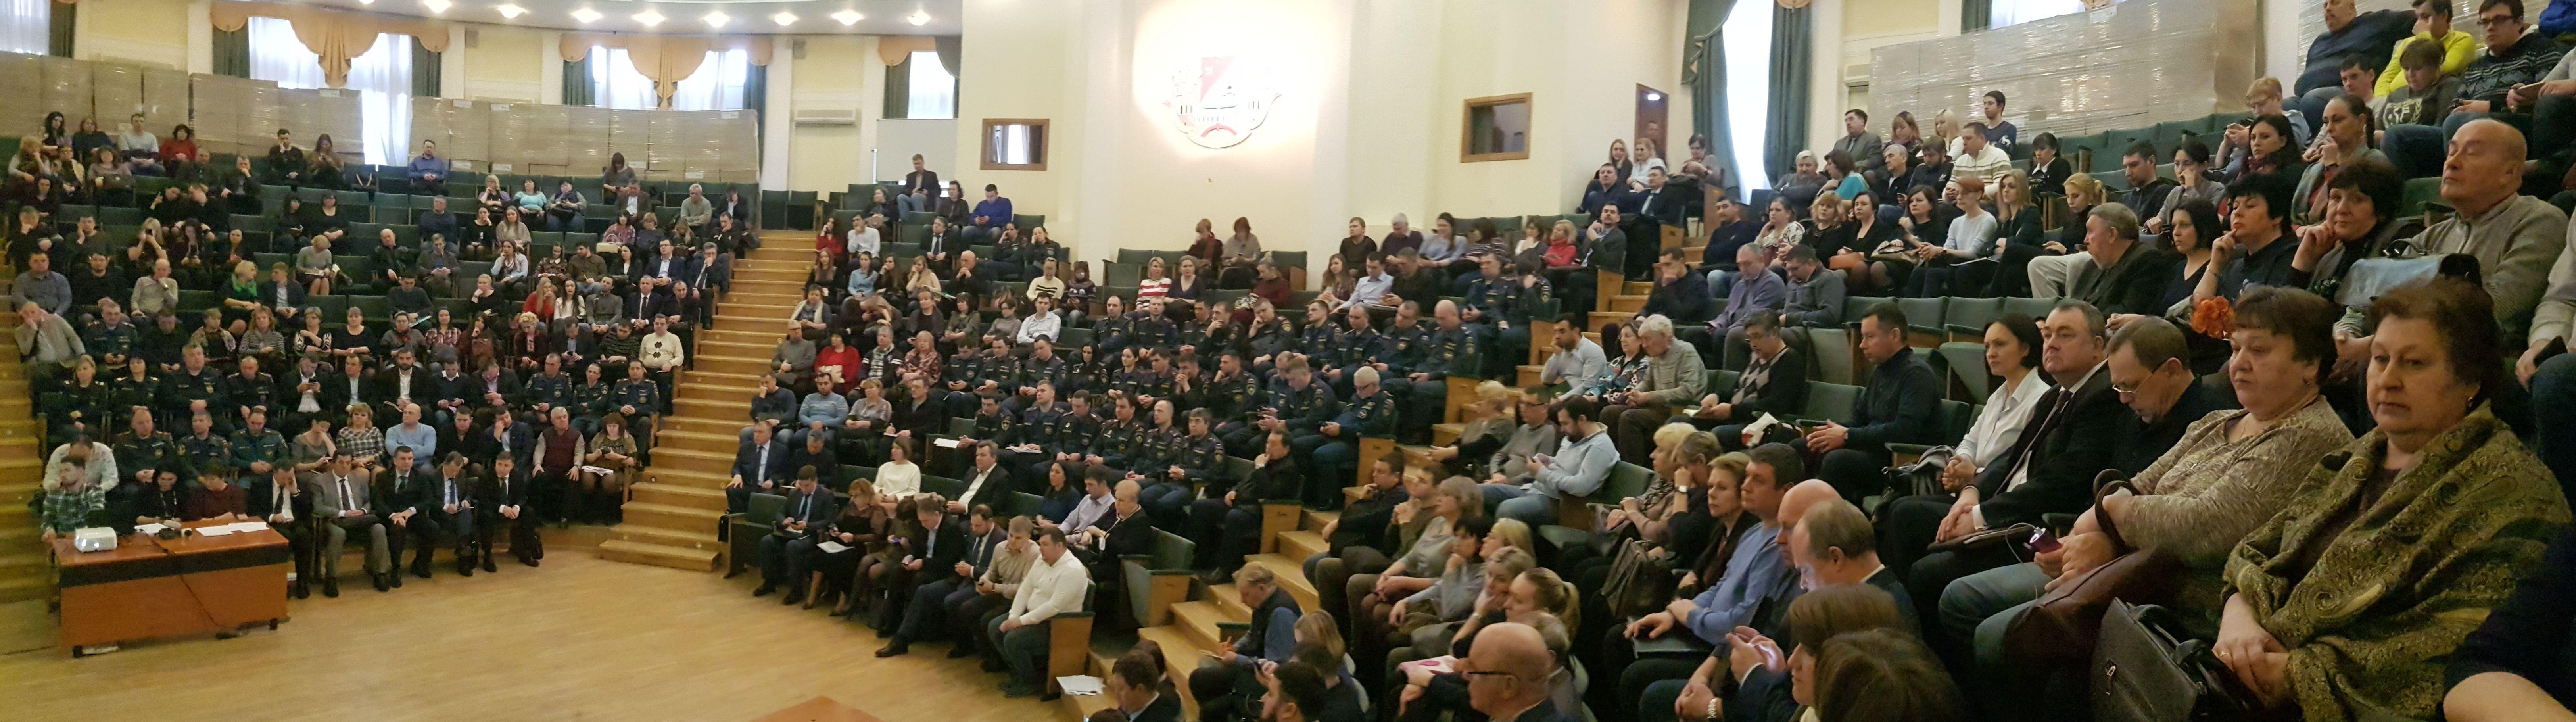 Подведение итогов деятельности территориального звена МГСЧС за 2018 год и постановка задач на 2019 год в Южном округе Столицы